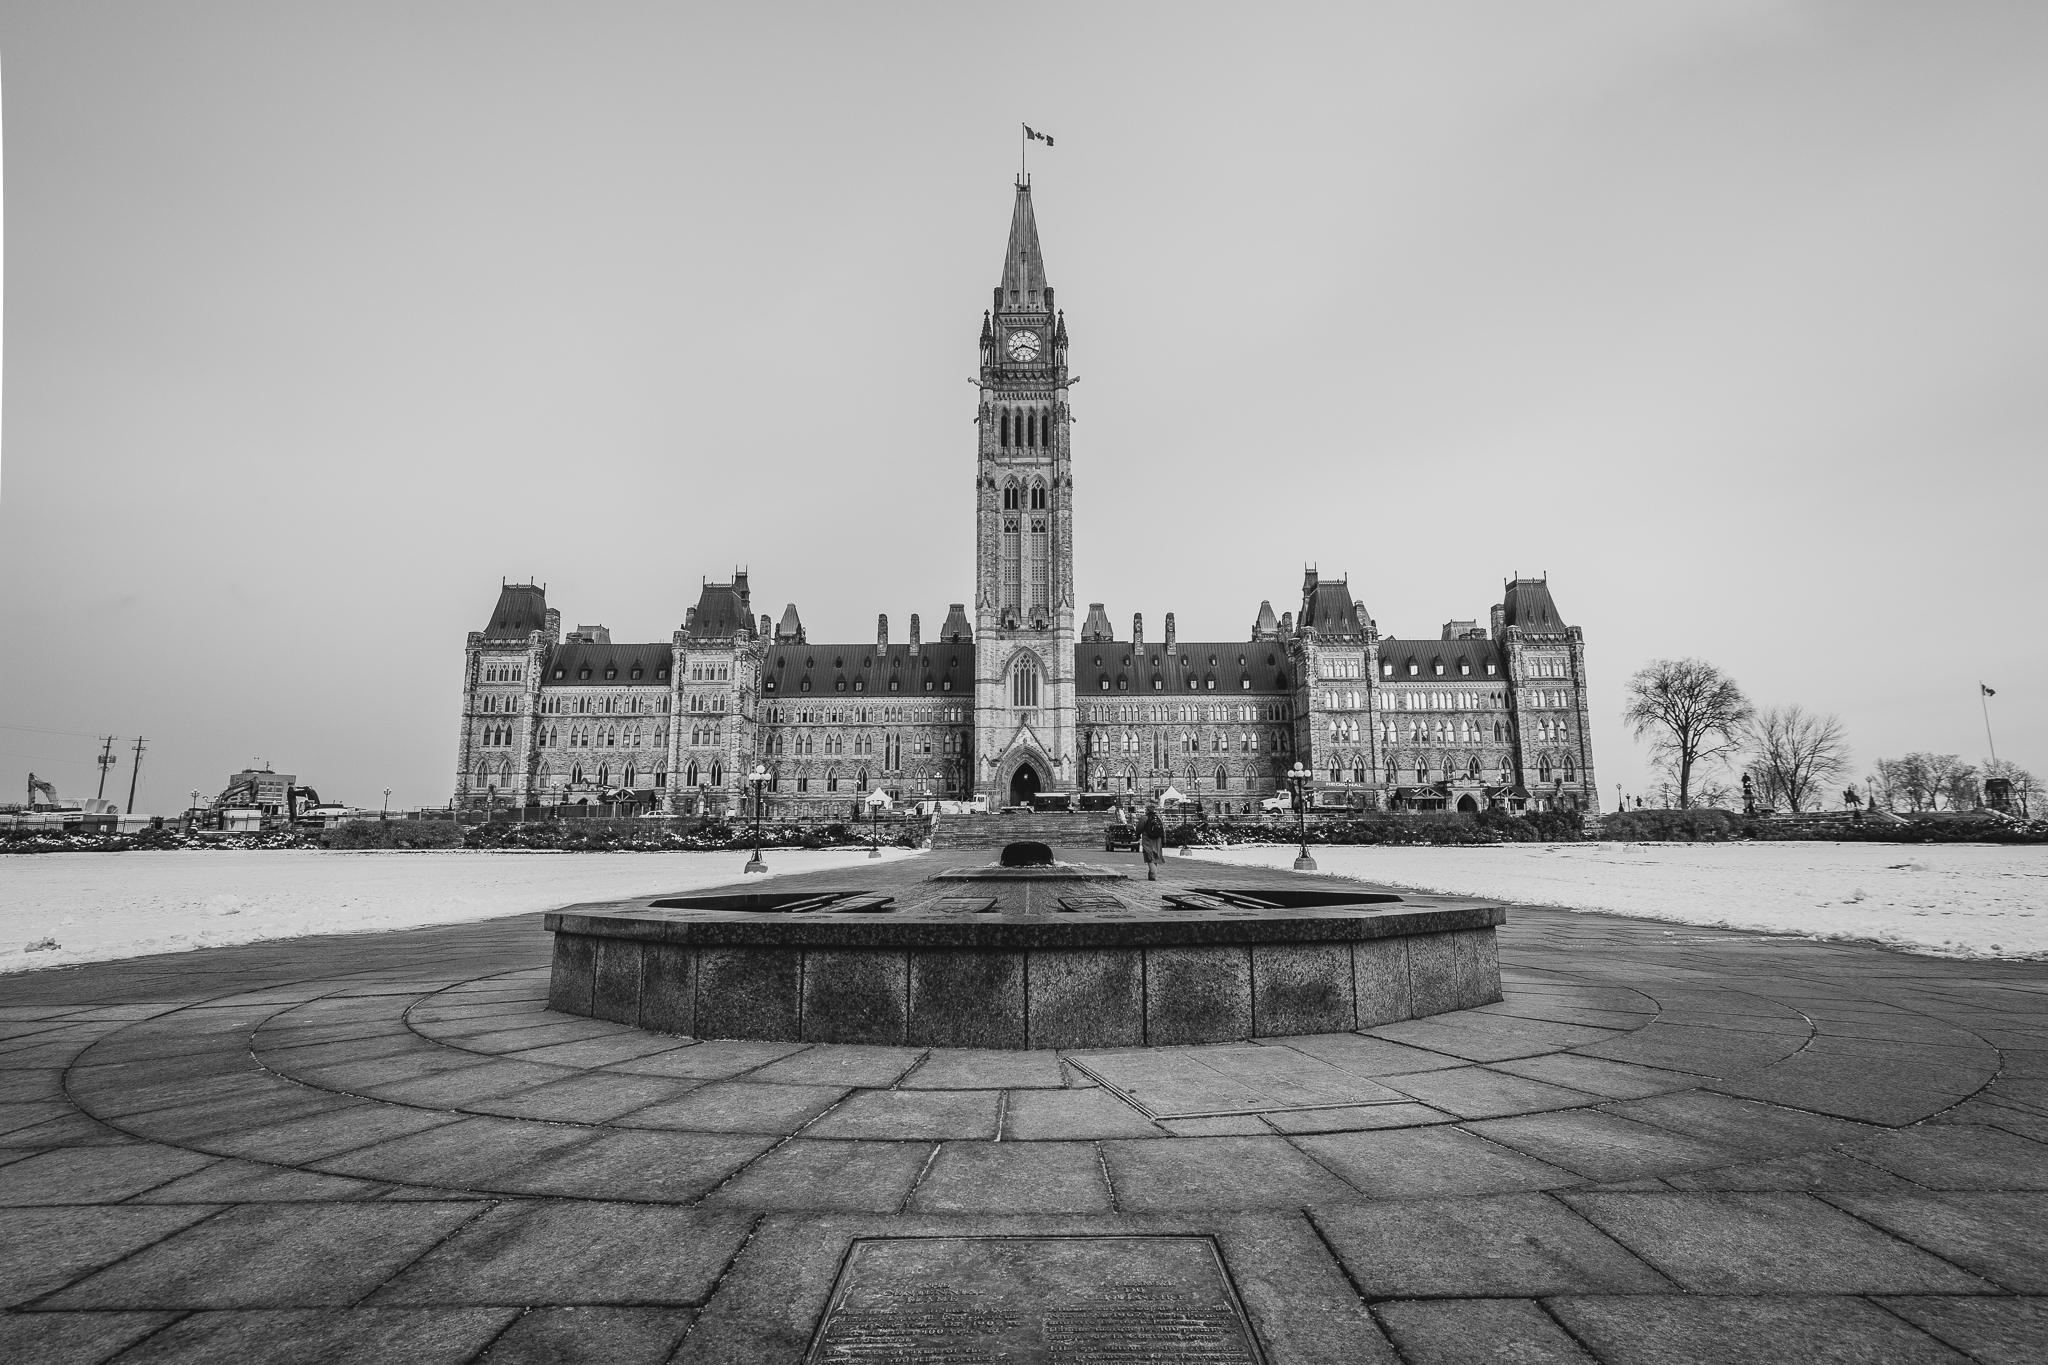 Parliament Hill (Centre Block) (1/320s, f/7.1, ISO100)